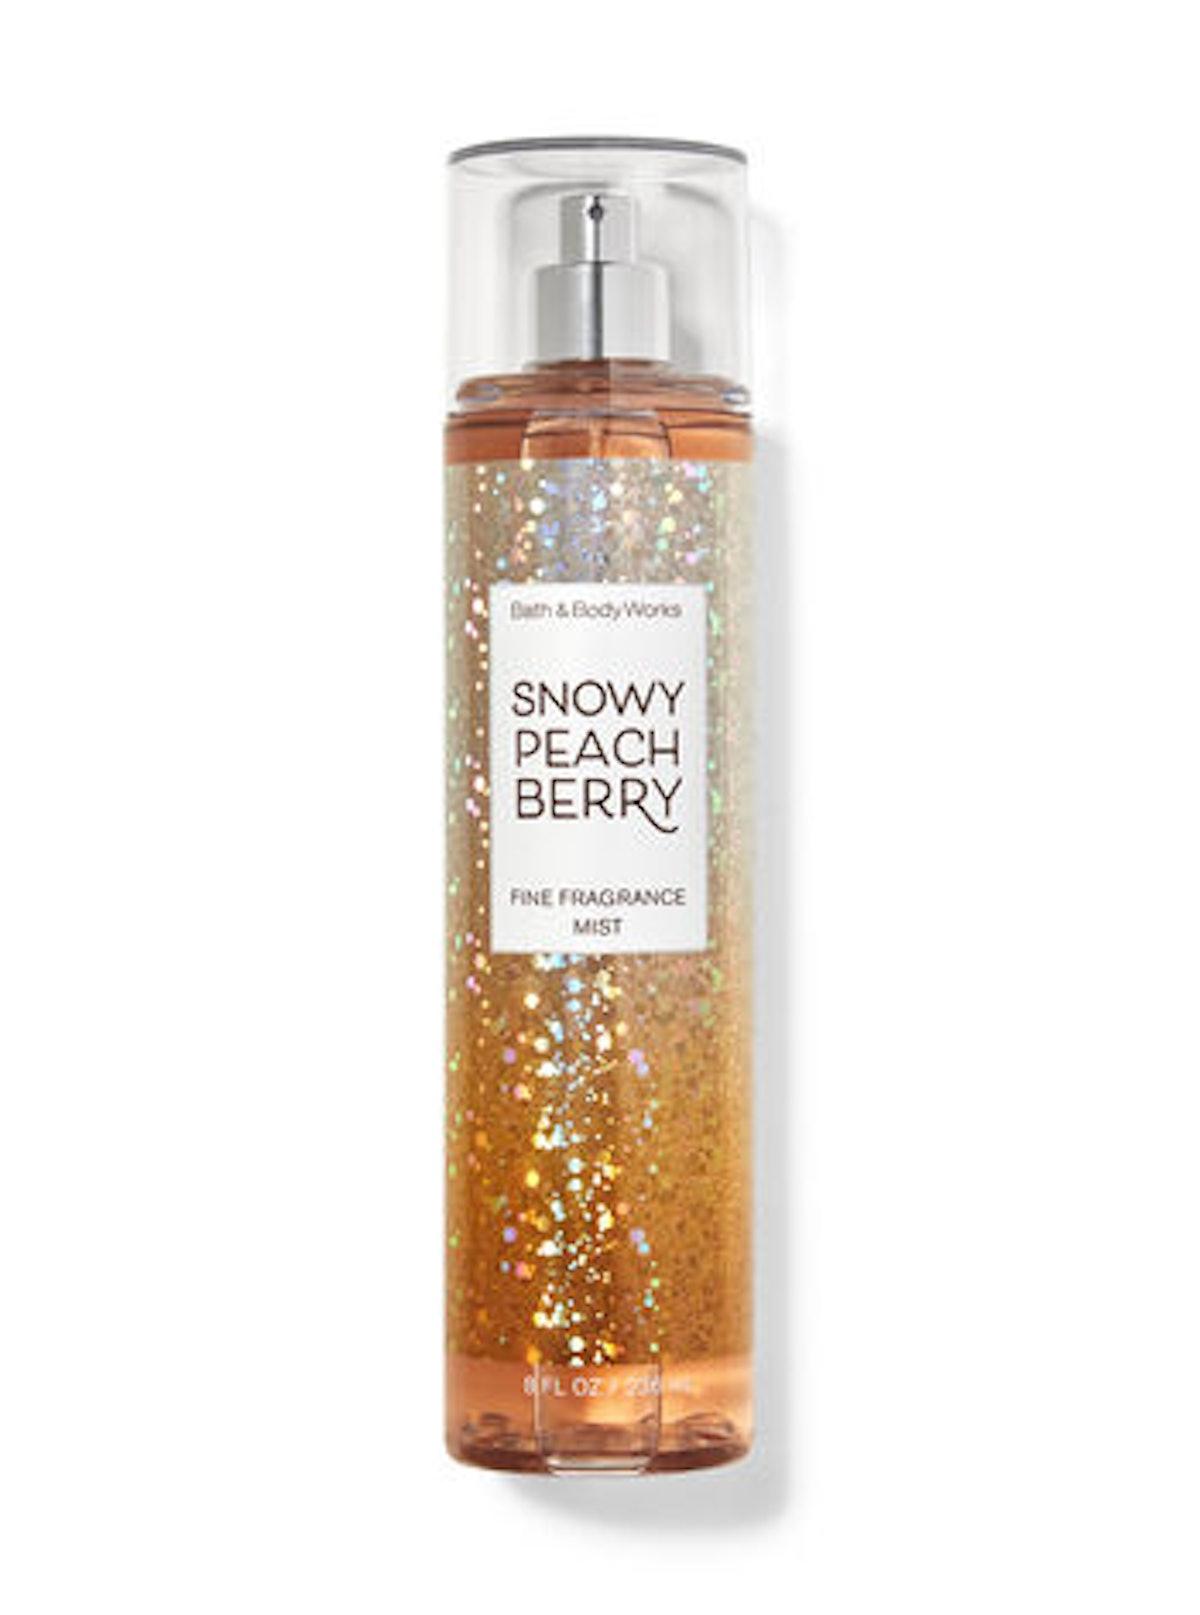 Snowy Peach Berry Fine Fragrance Mist